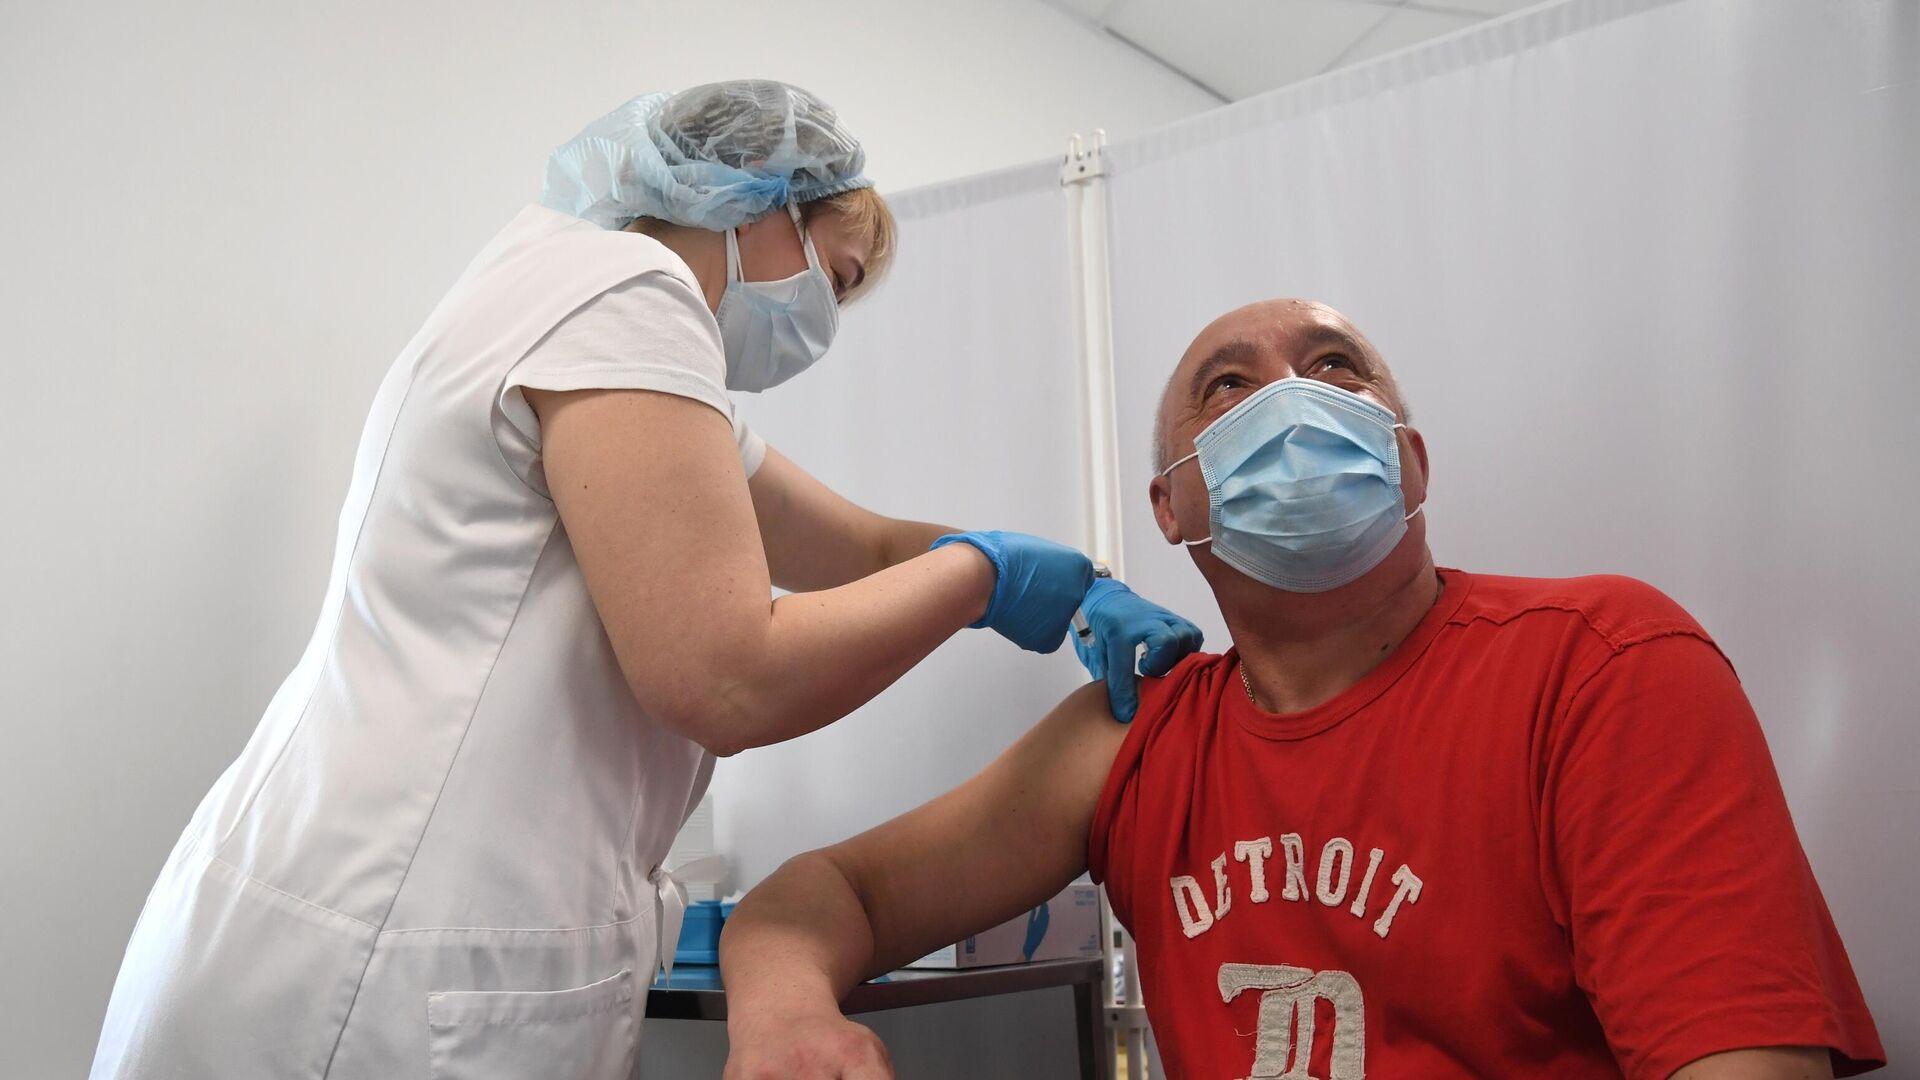 В Германии шести пациентам вкололи физраствор вместо вакцины BioNTech